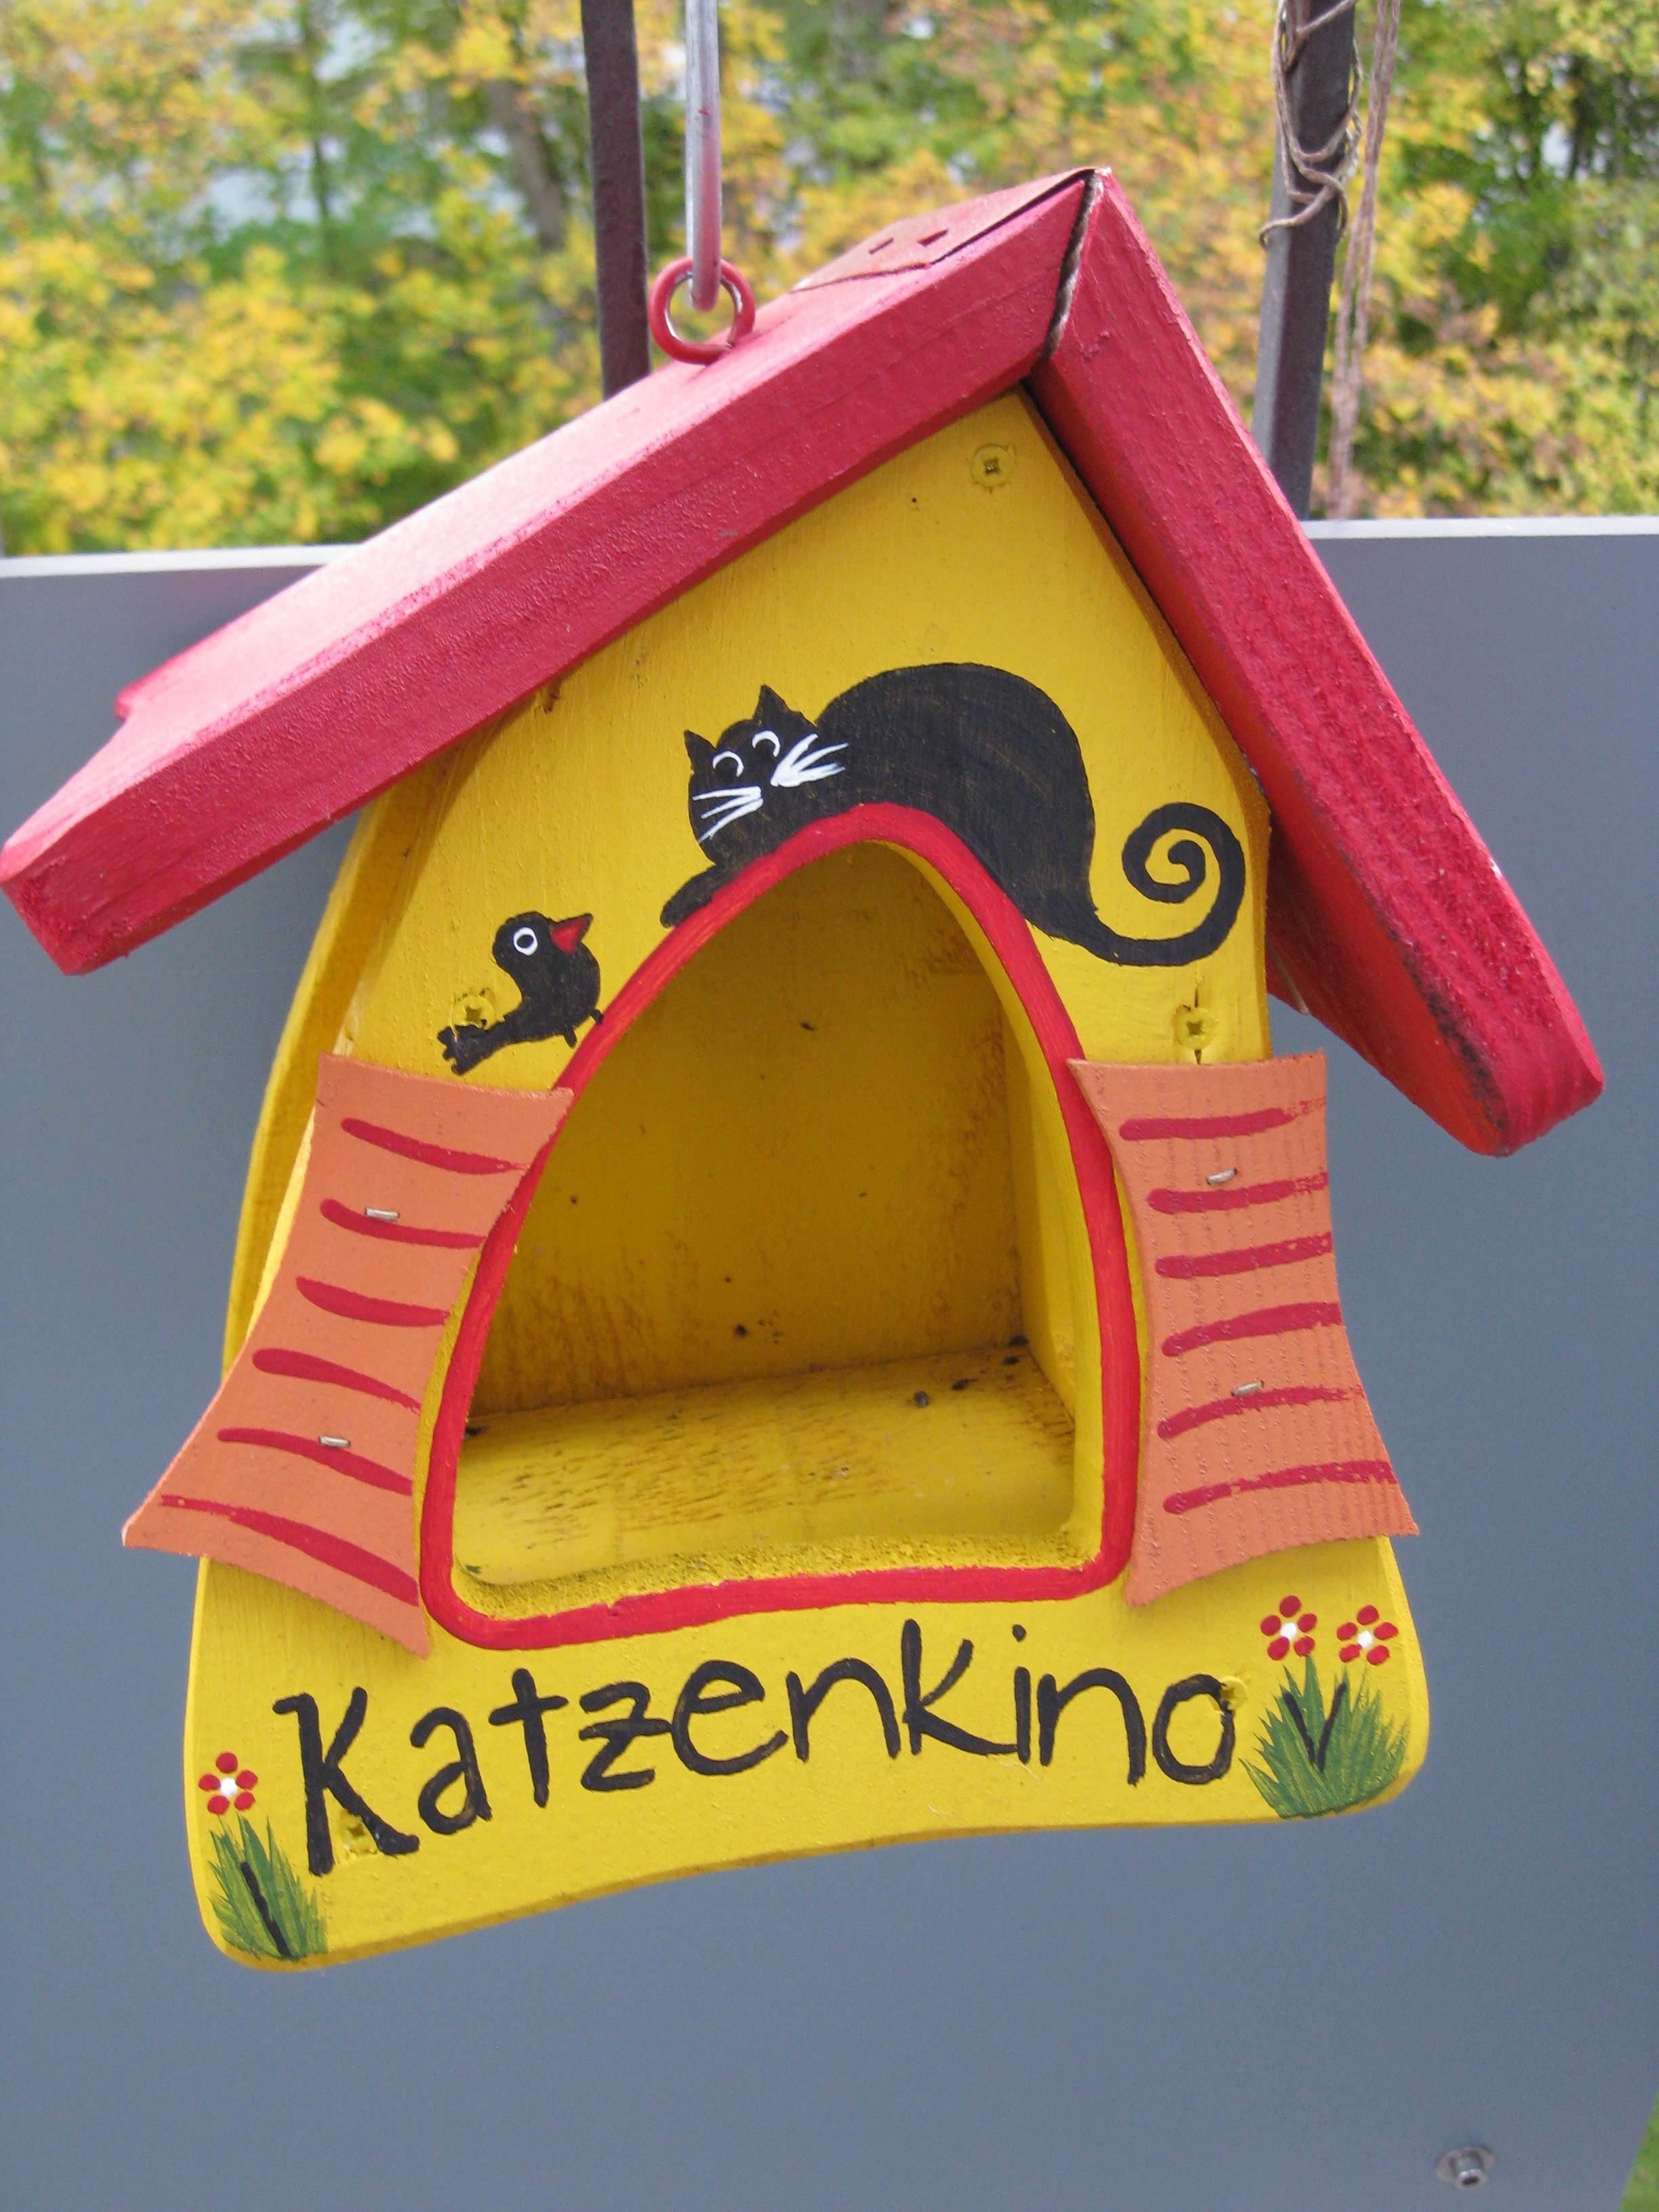 pájaro madera jugar techo casa alimentar rojo gato color pintar vistoso  amarillo ilustración construir pintado nido d2b012f612c